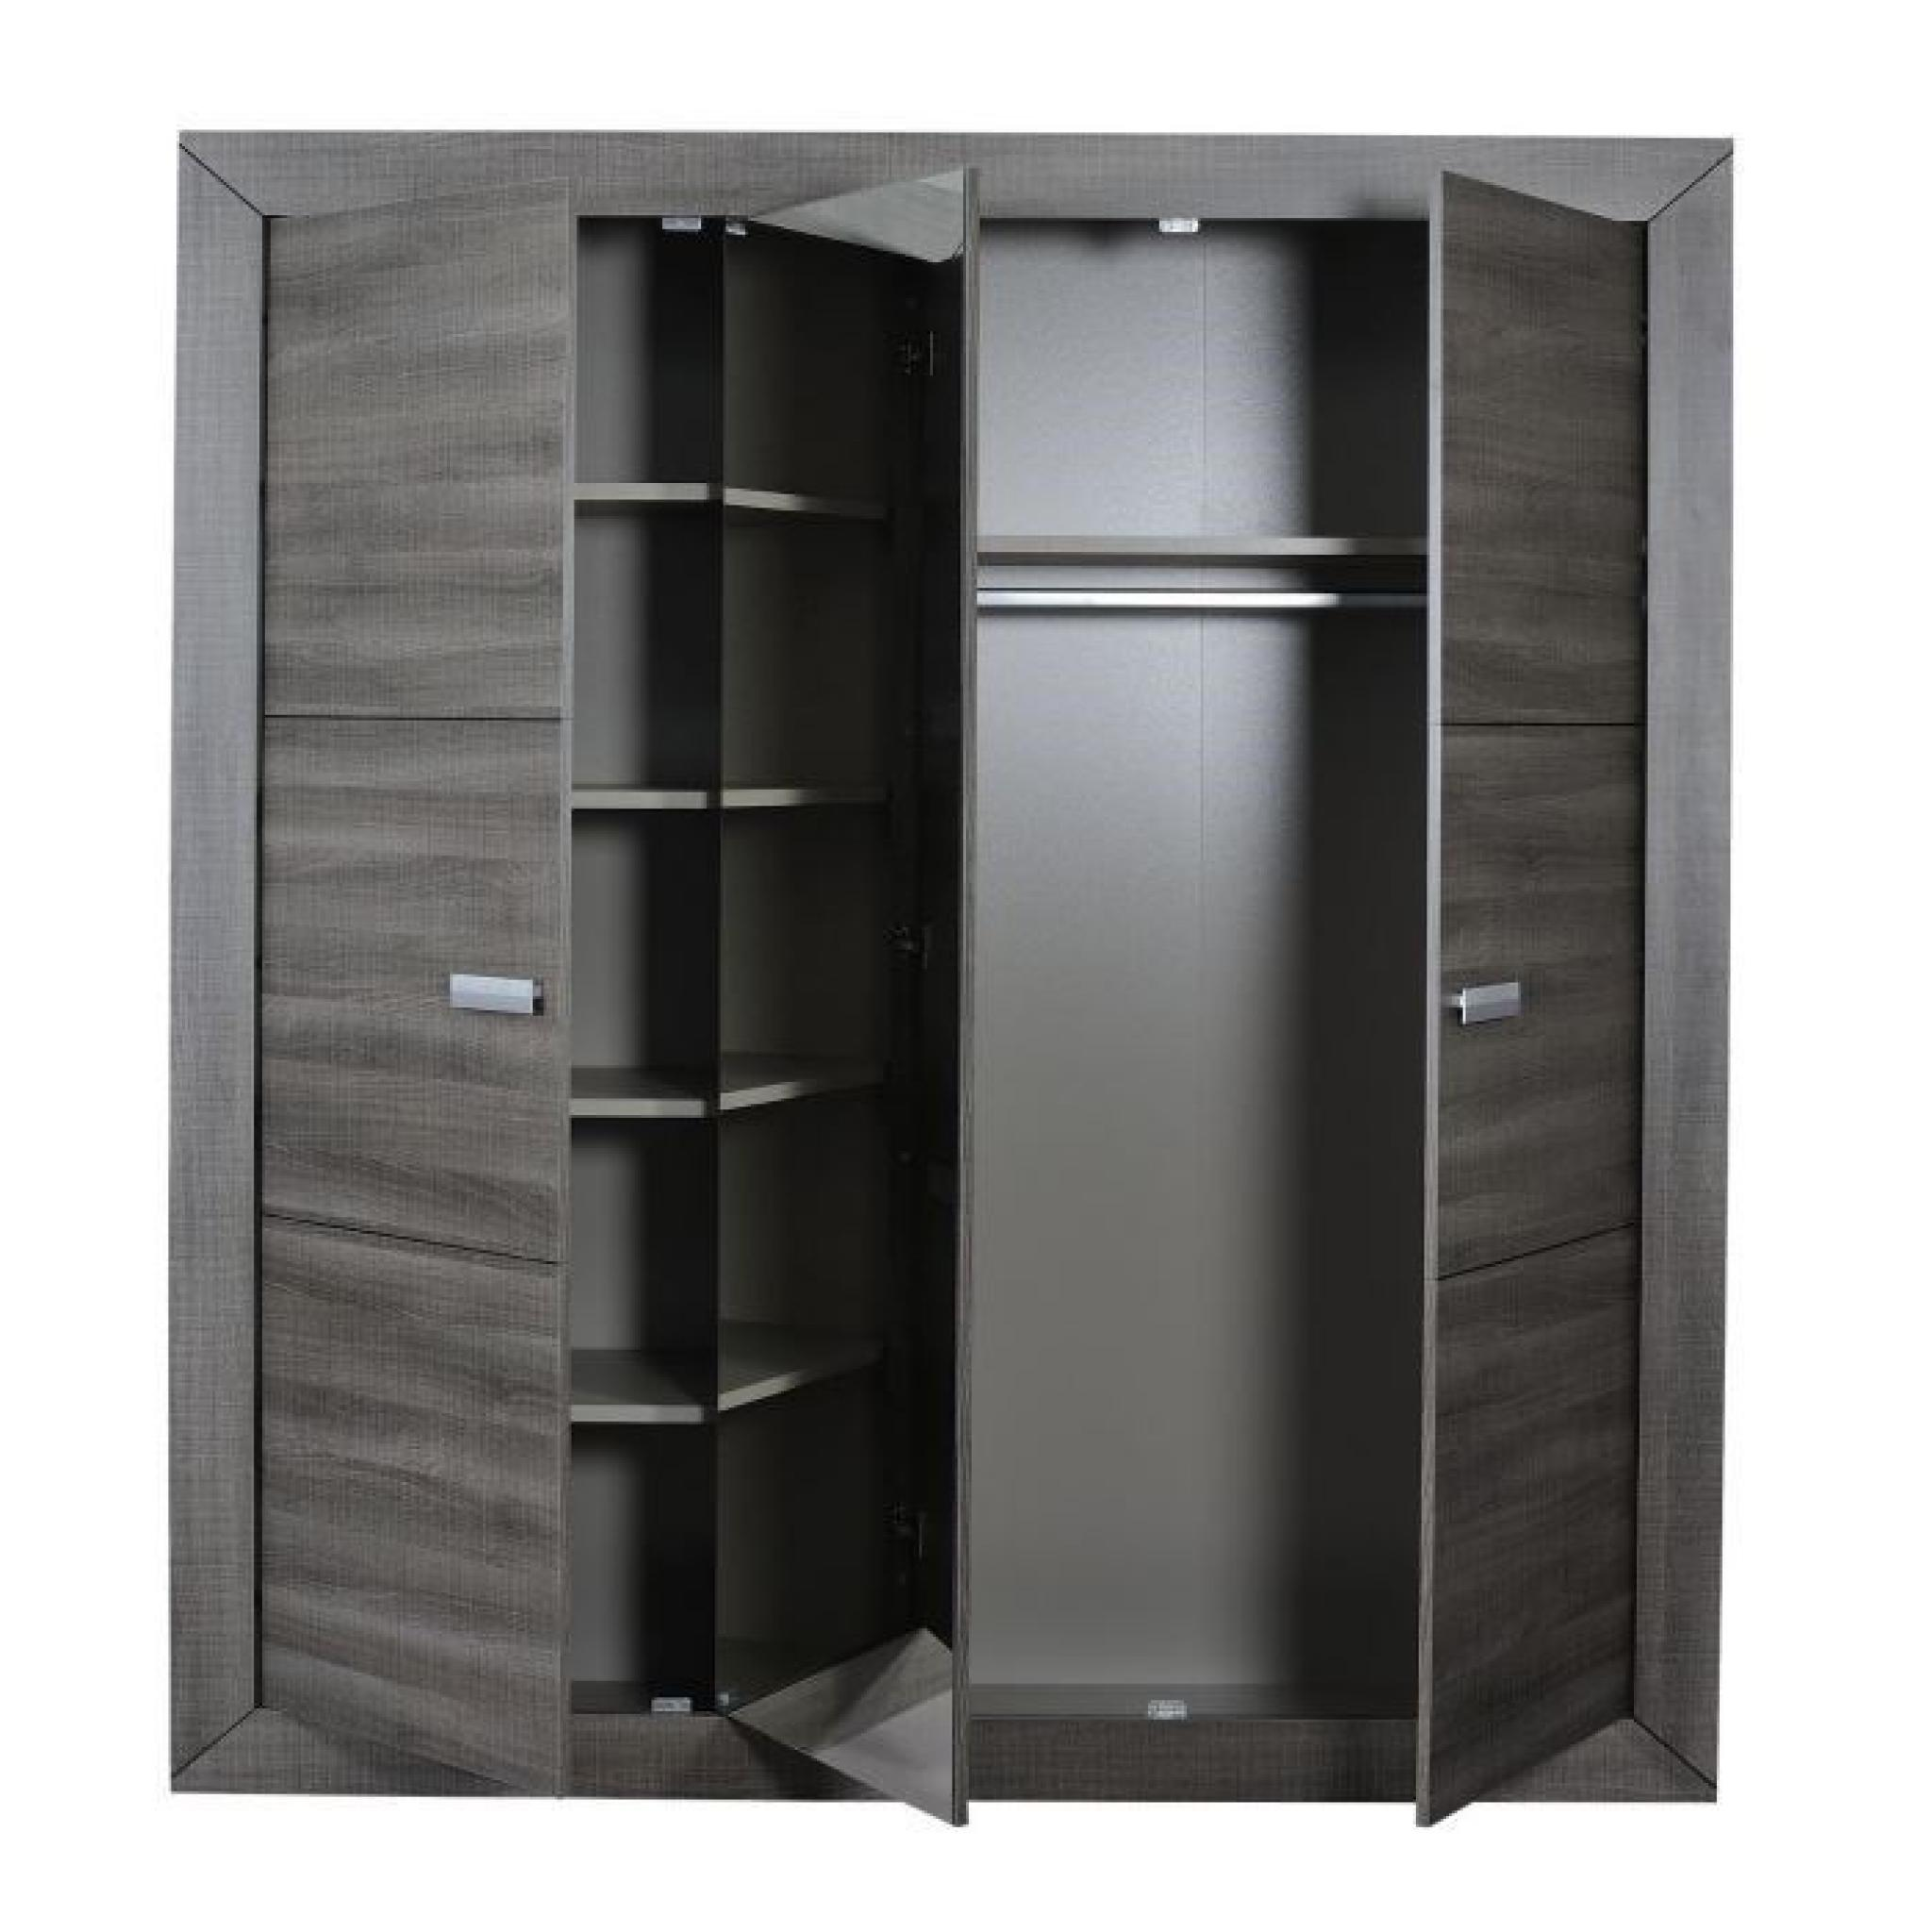 Avignon armoire 3 portes coloris bois gris achat vente armoire de chambre p - Armoire bois pas cher ...